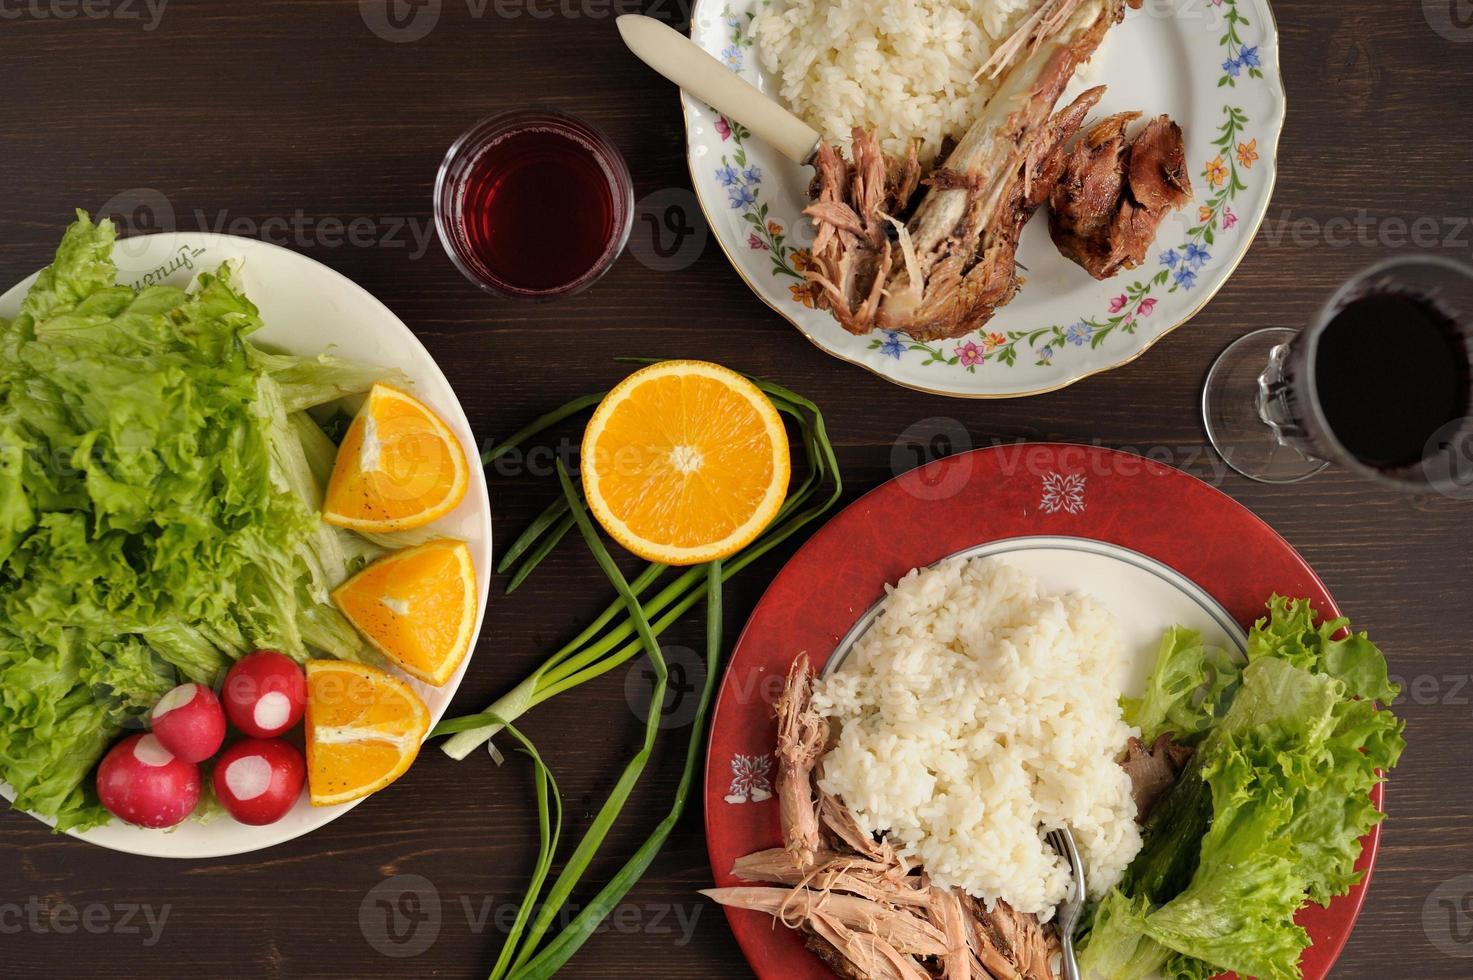 diner od kalkoenvlees met rijst, sla salade met radijs foto